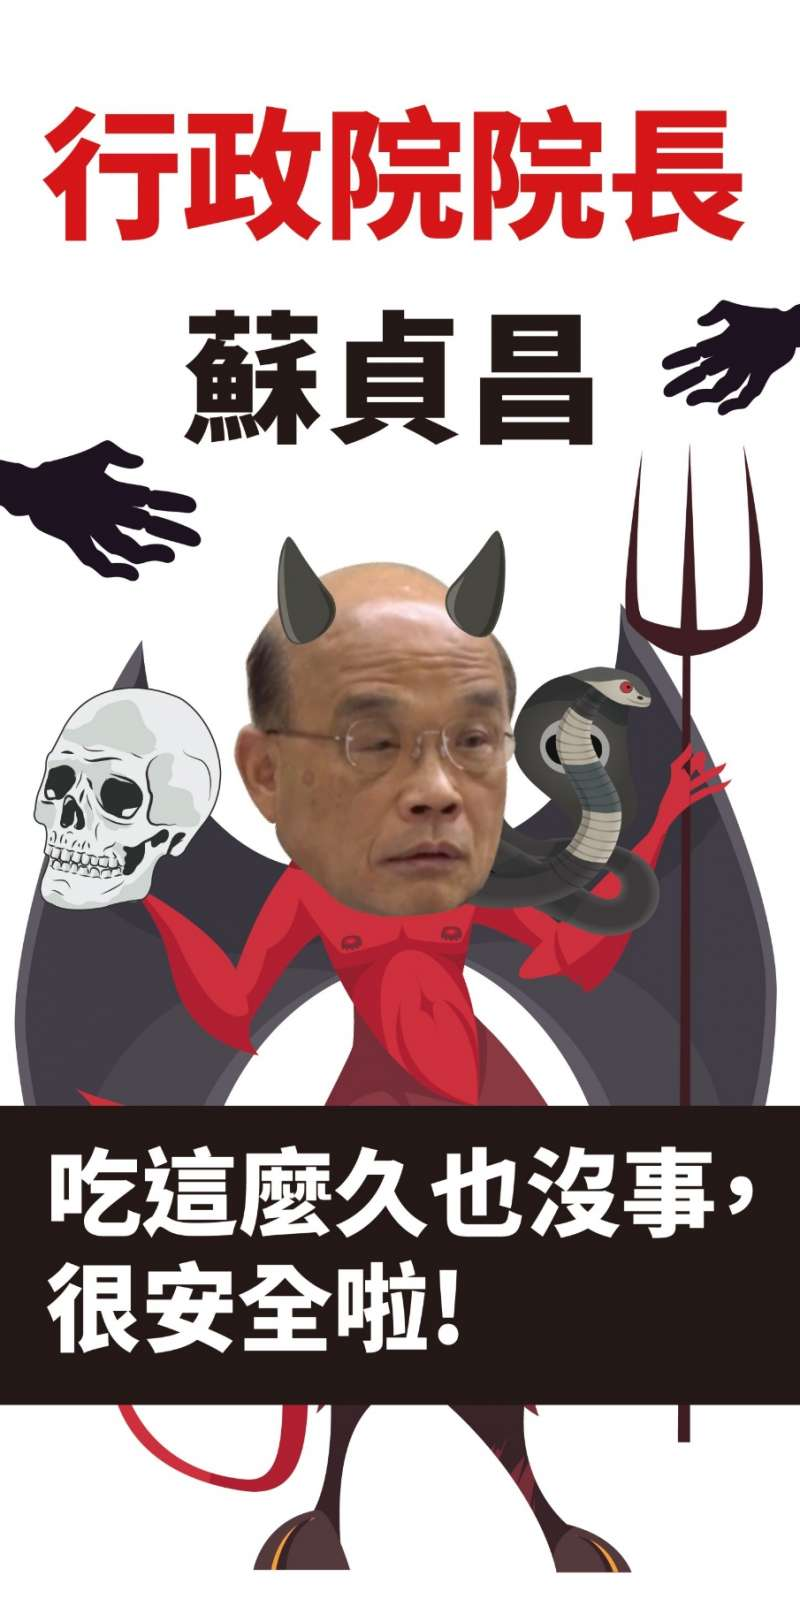 20201119-秋鬥主辦單位製作行政院長蘇貞昌「毒魔王」合成圖卡。(「秋鬥」主辦單位提供)